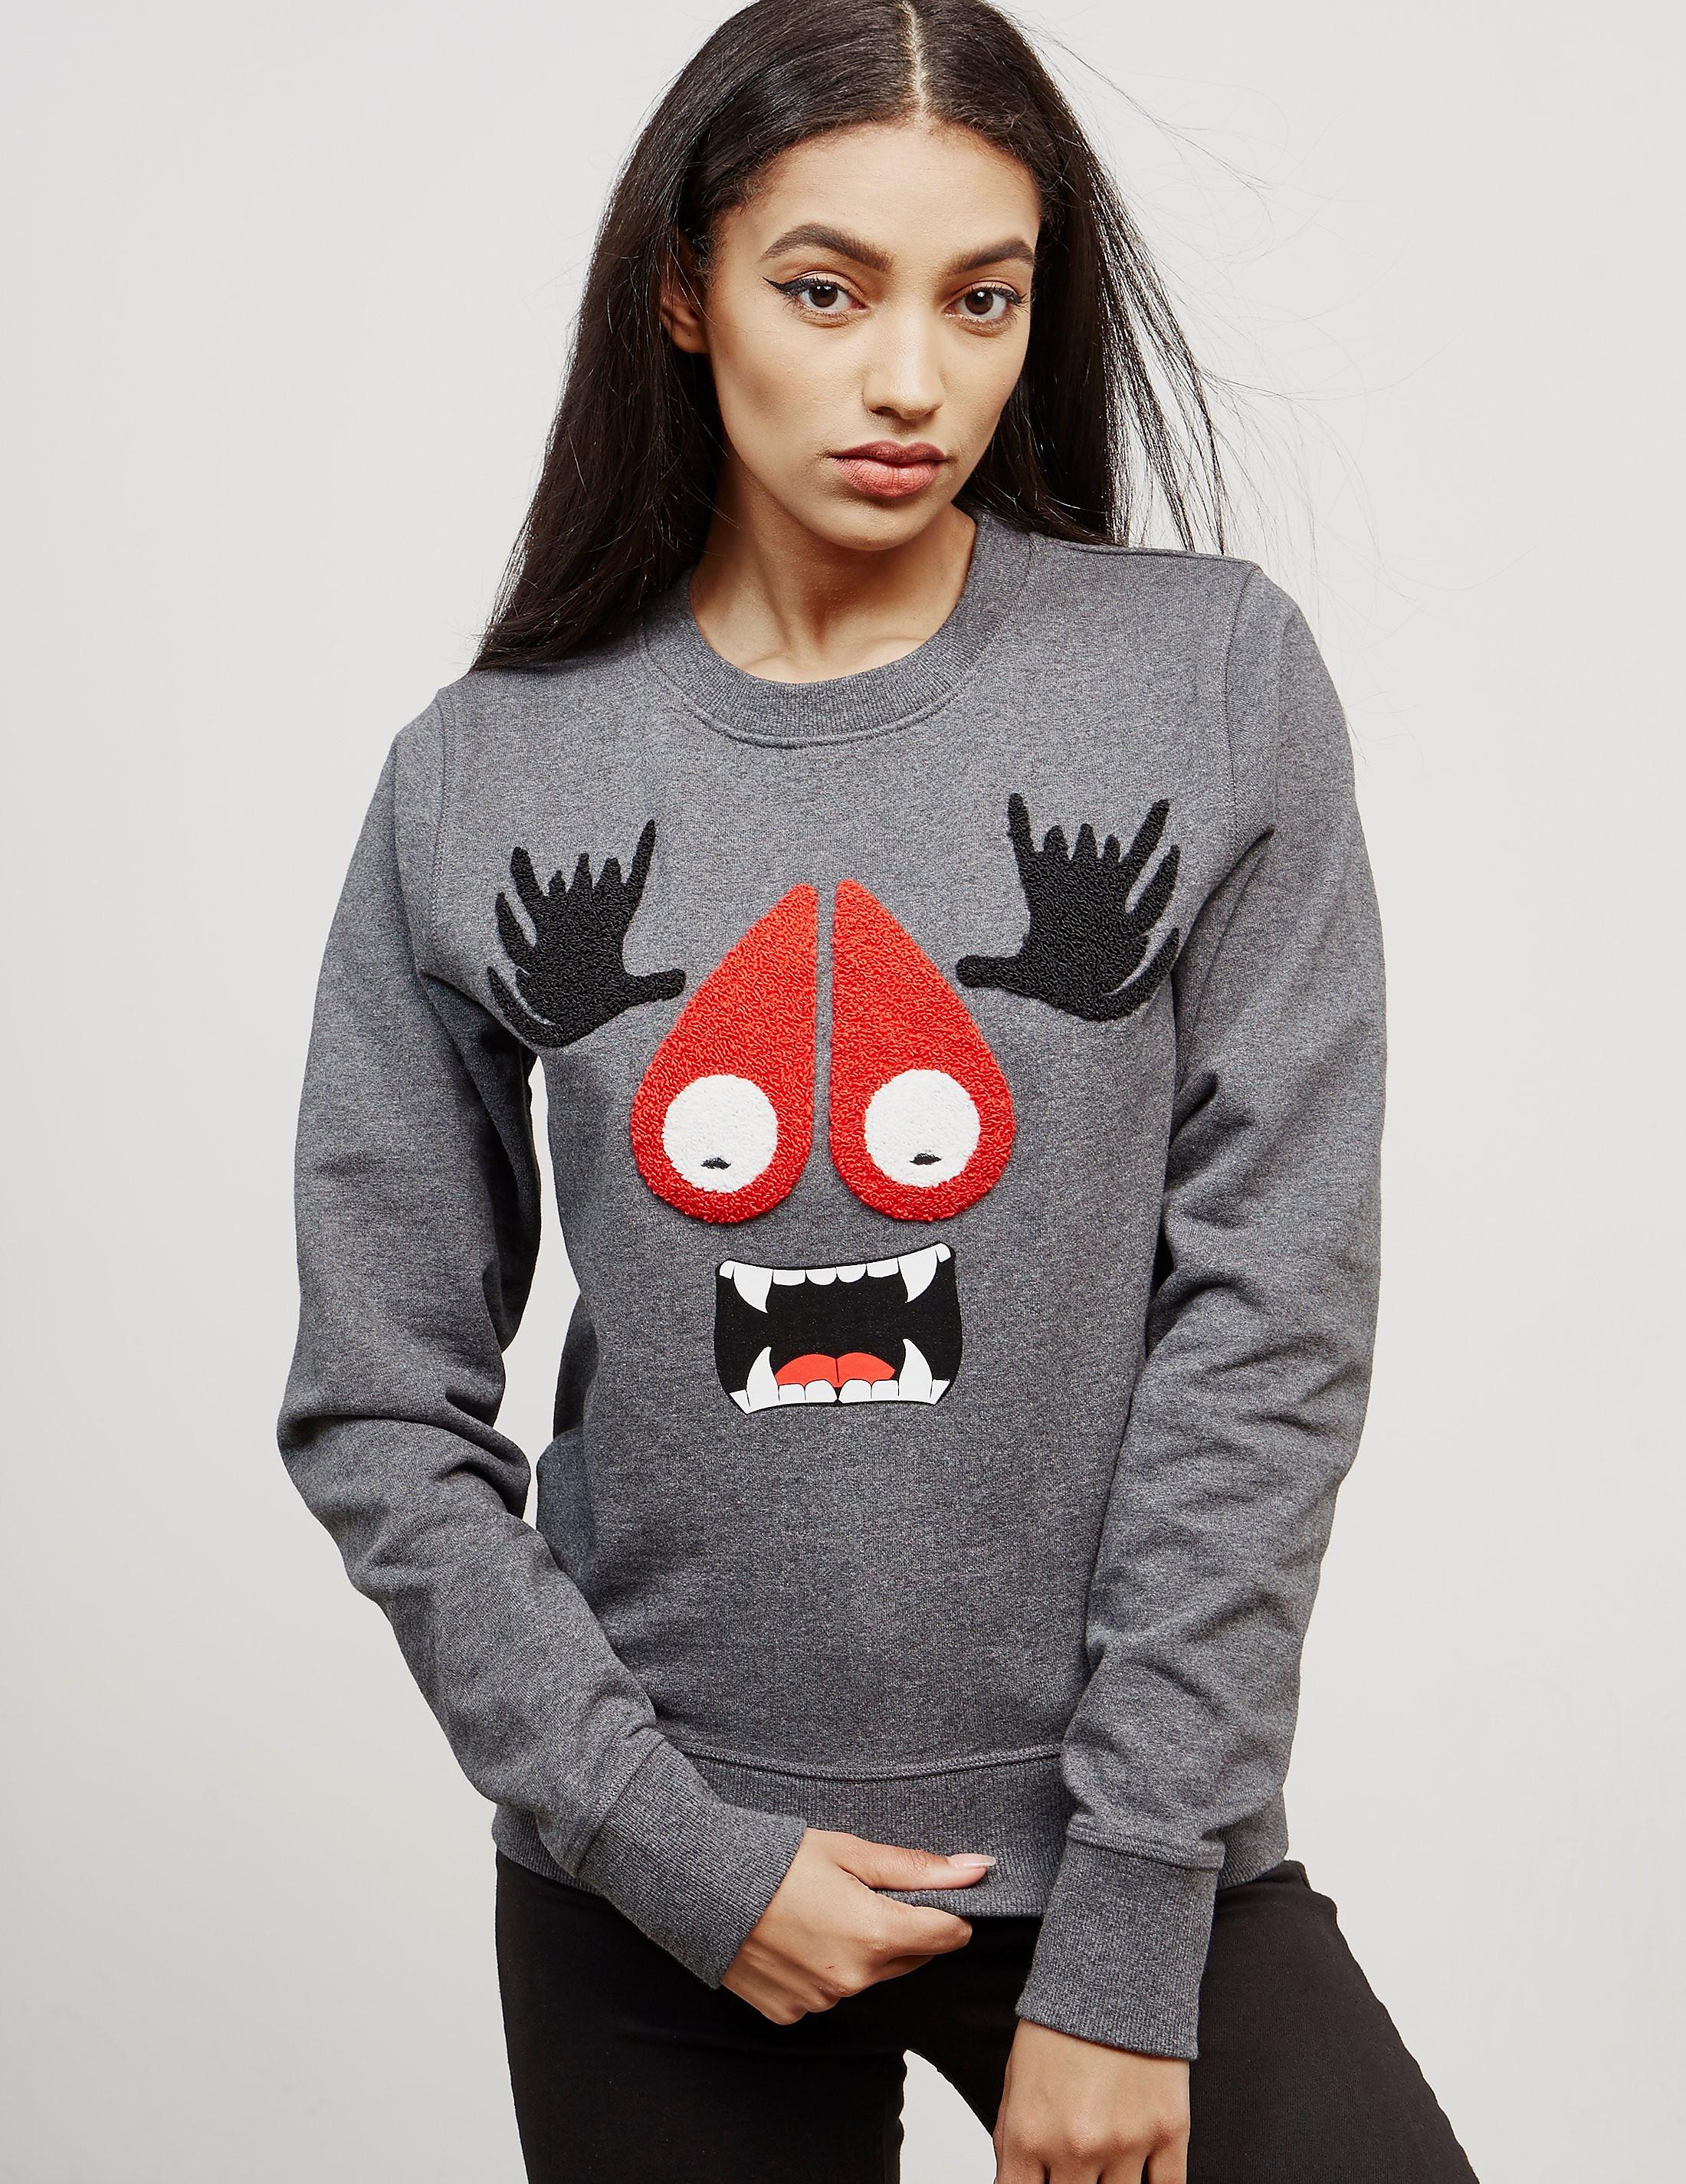 Moose Knuckles Monster Crew Sweatshirt